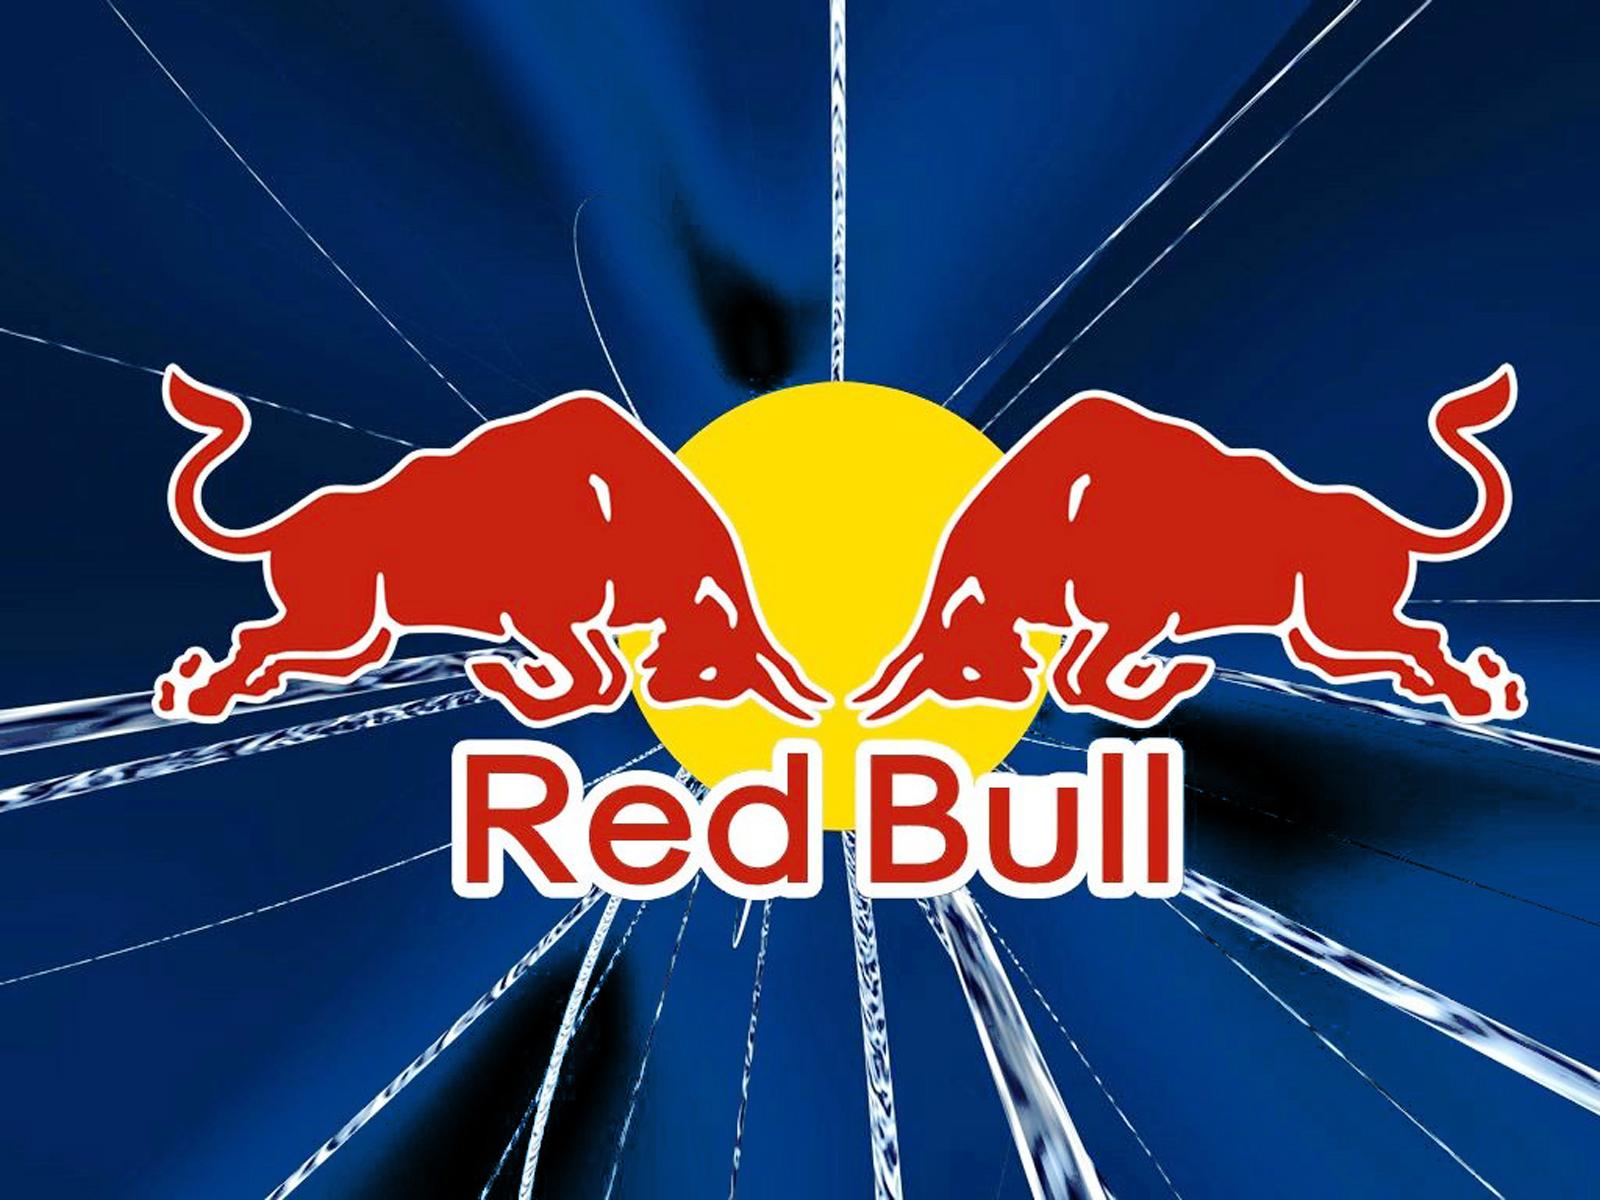 s1600Red Bull Blue Background HD Wallpaper VvallpaperNetjpg 1600x1200